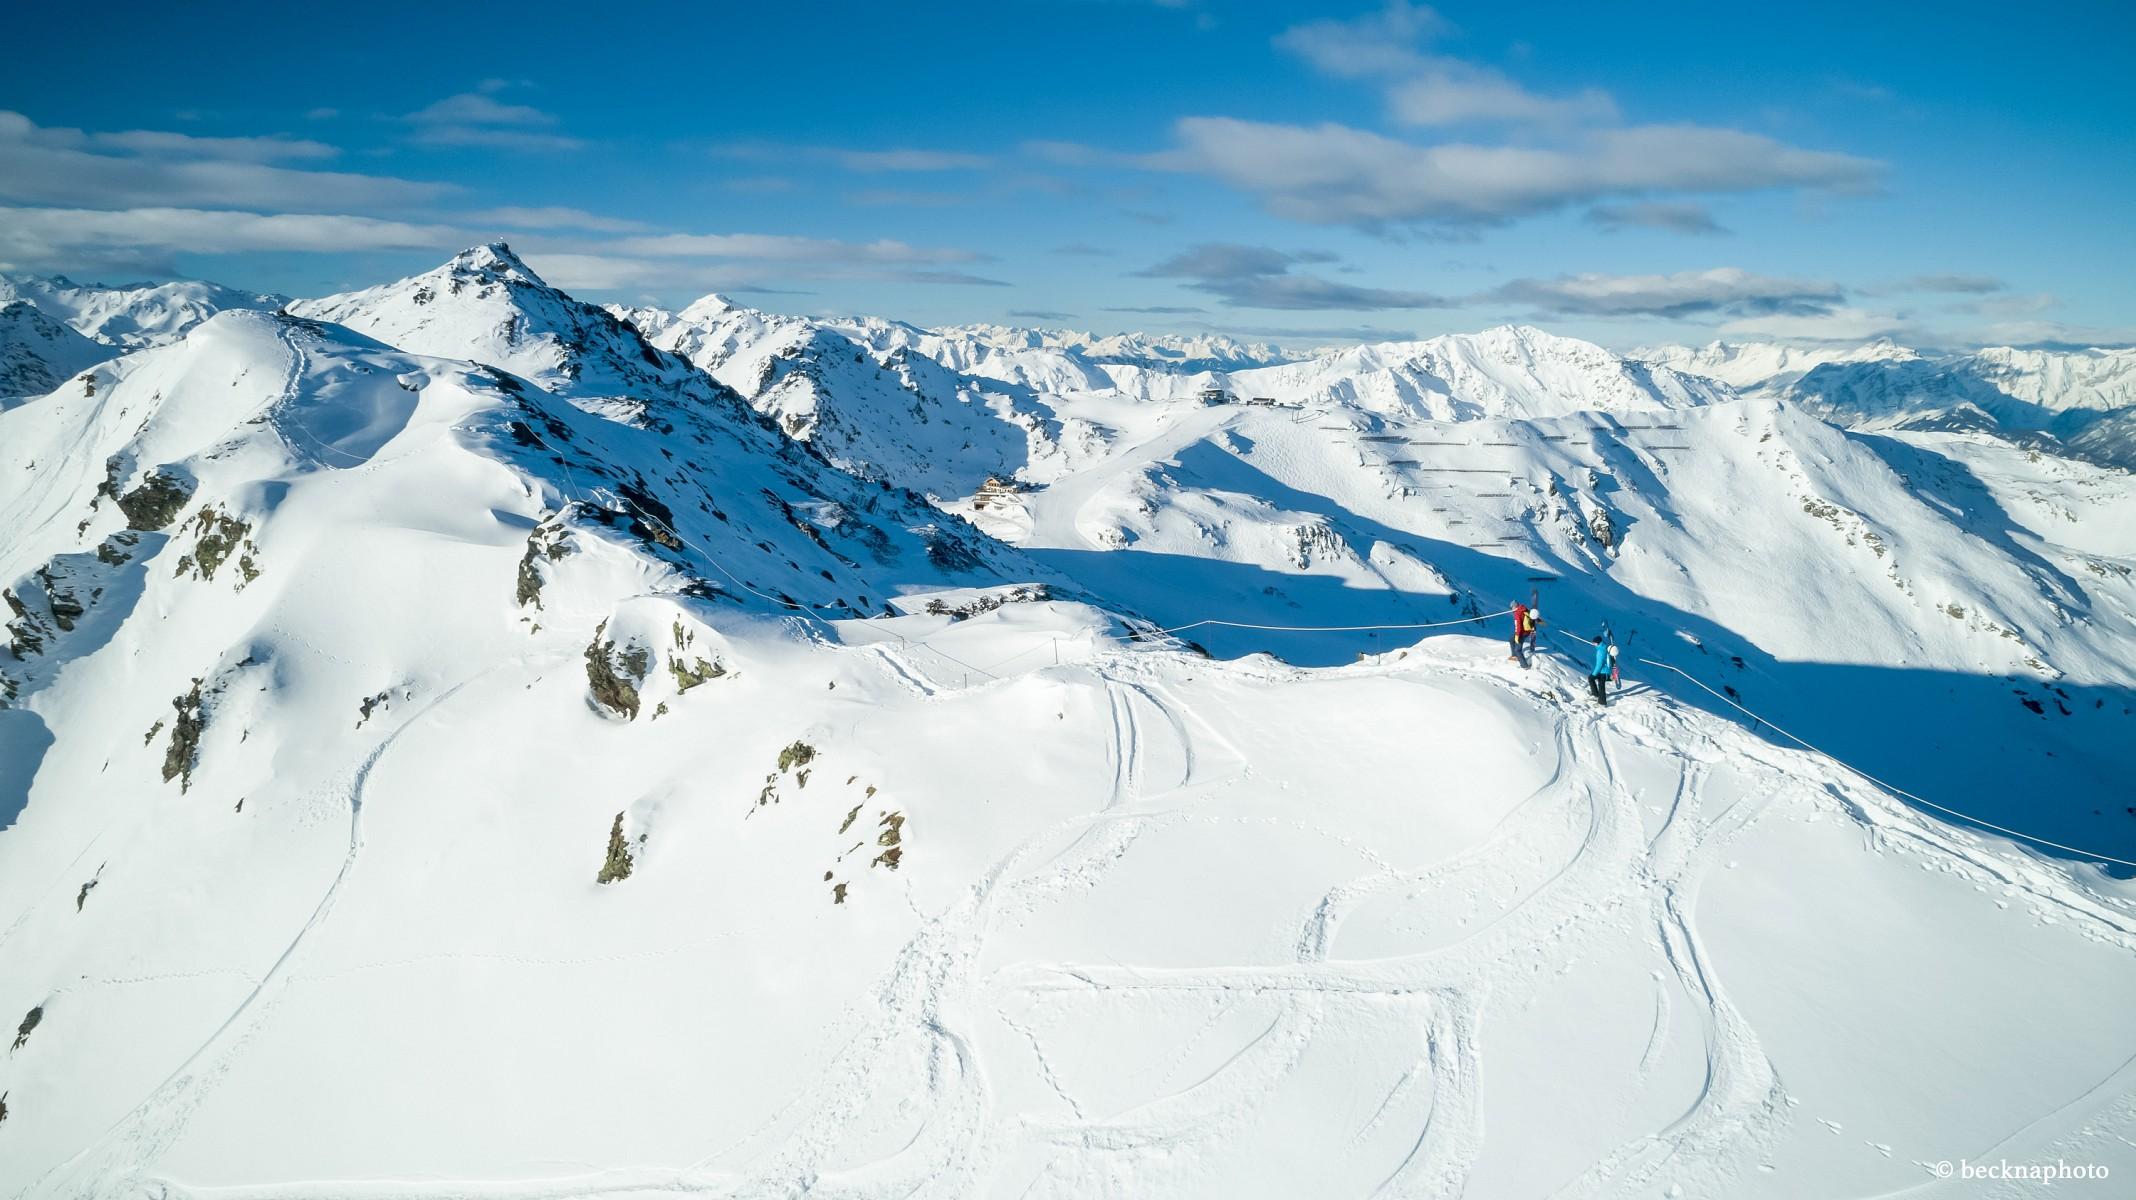 pUmgeben-von-einem-atemberaubenden-360deg-Panorama-geraumlt-dernbspTrubel-dernbspSkipistenbspeinen-Moment-lang-in-Vergessenheitp